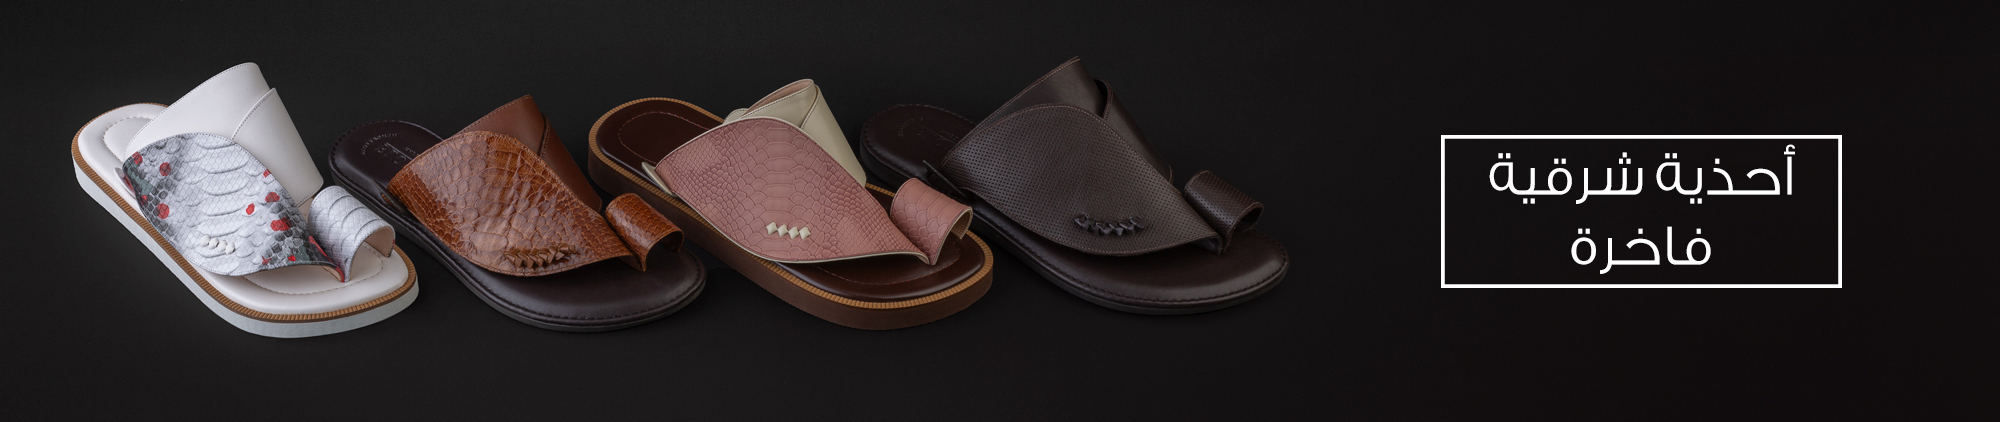 بنر أحذية شرقية كبير